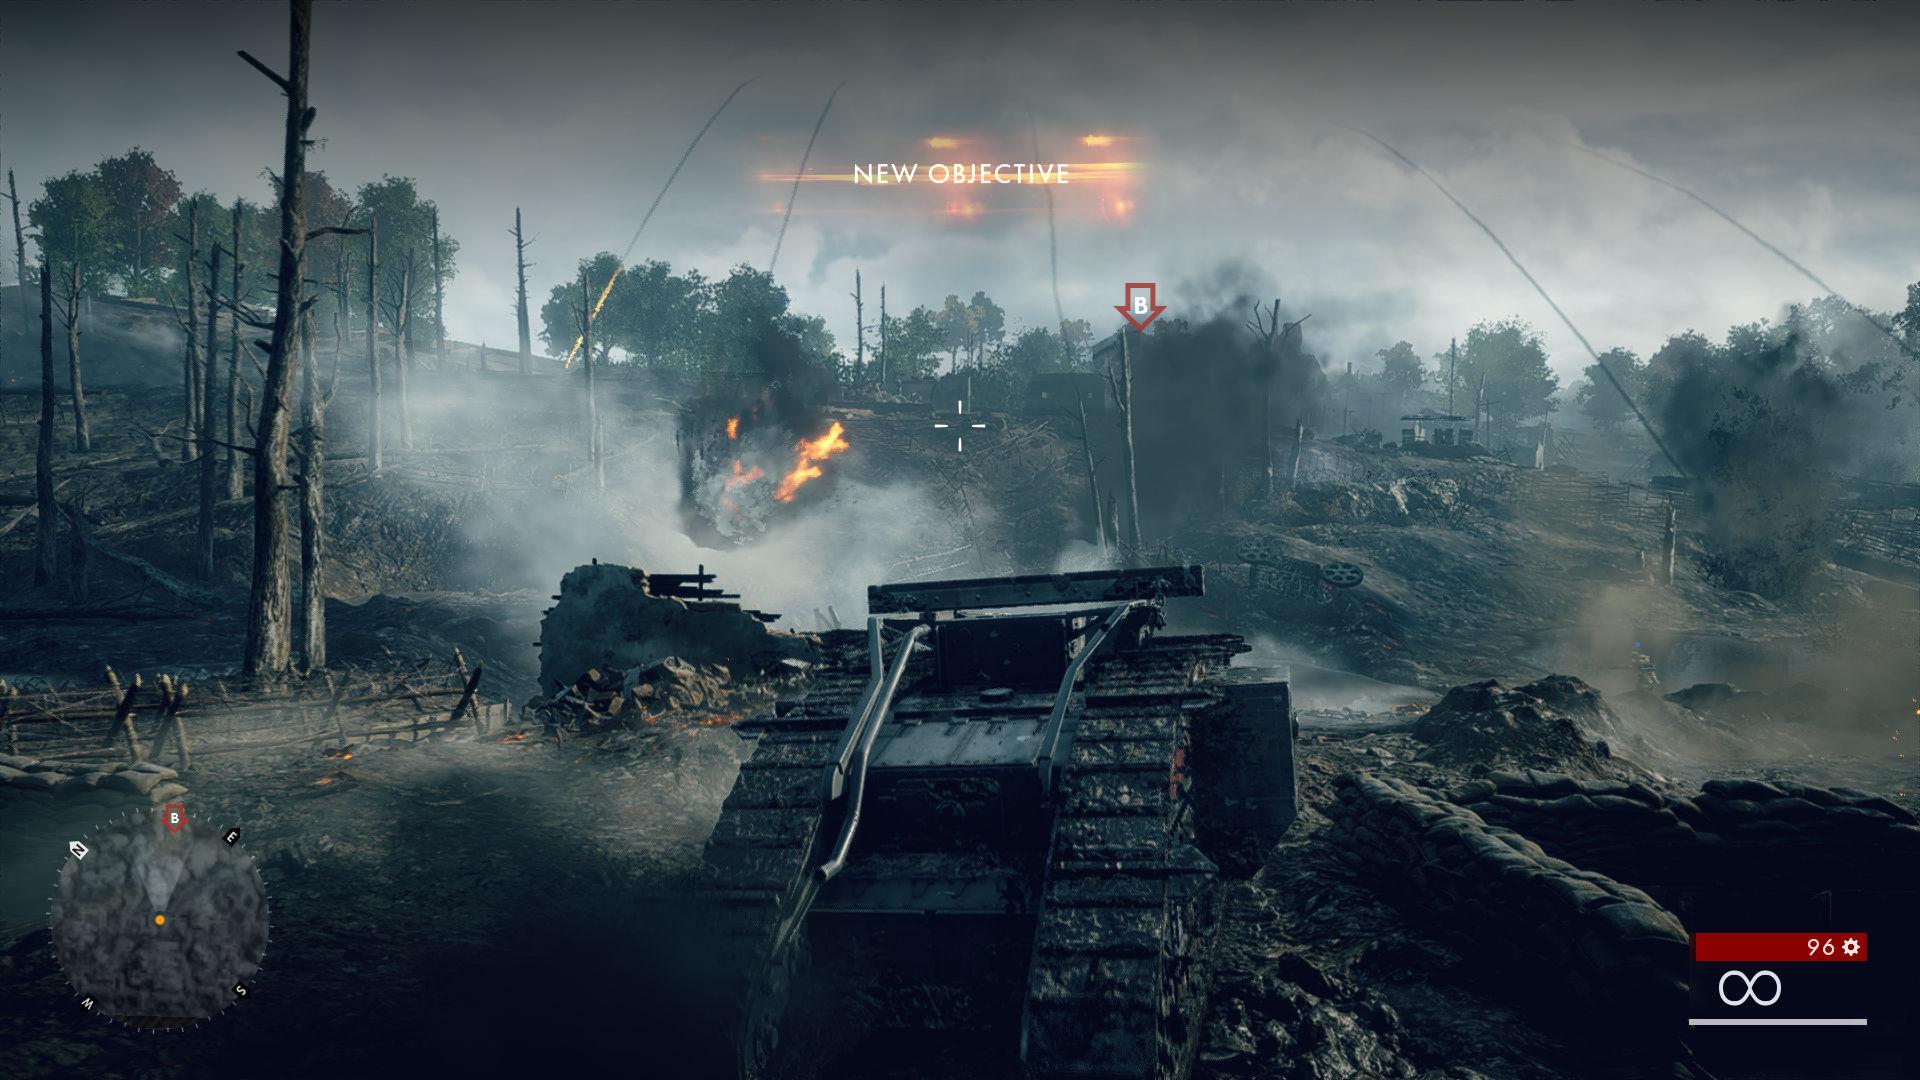 수정됨_Battlefield 1 2016.10.13 - 19.36.20.26.jpg